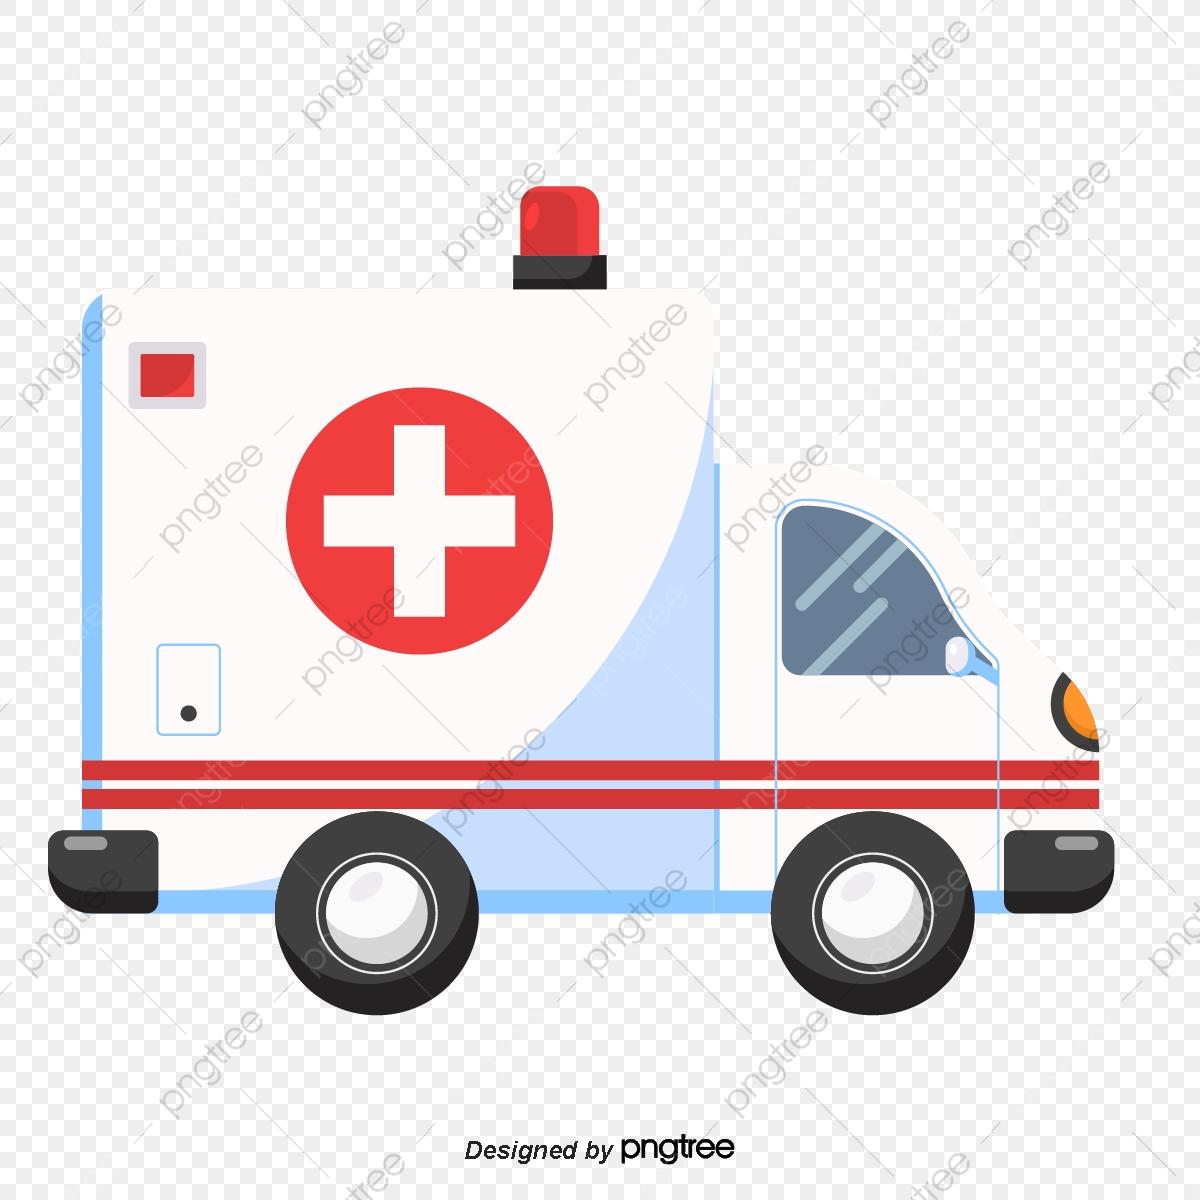 770+ Gambar Rumah Sakit Vector Terbaik